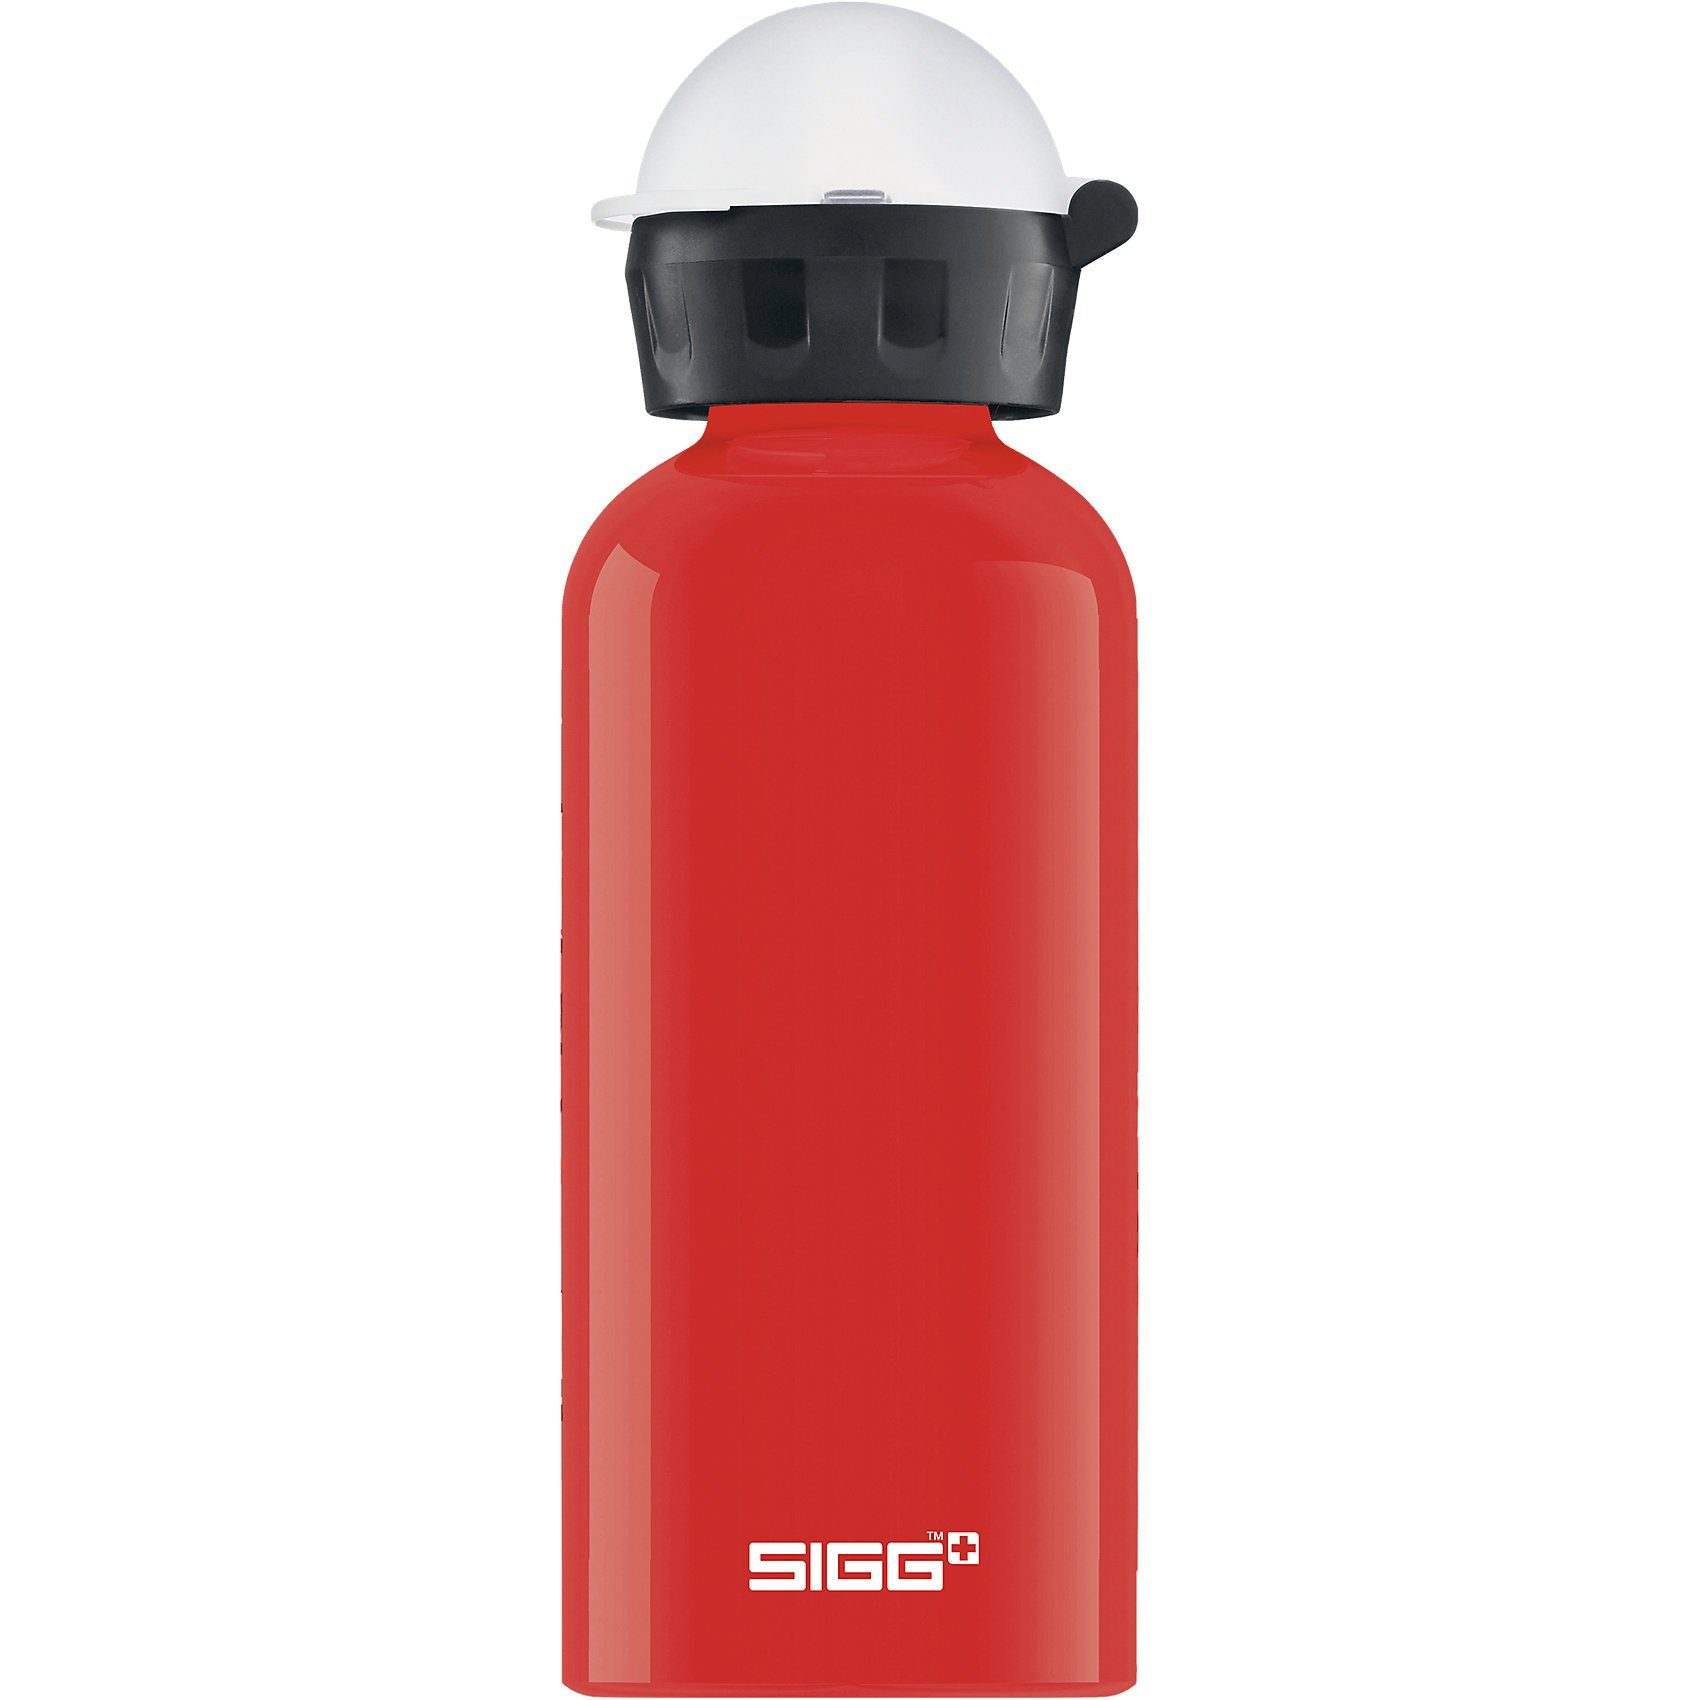 Sigg Alu-Trinkflasche KBT Tomato, 400 ml